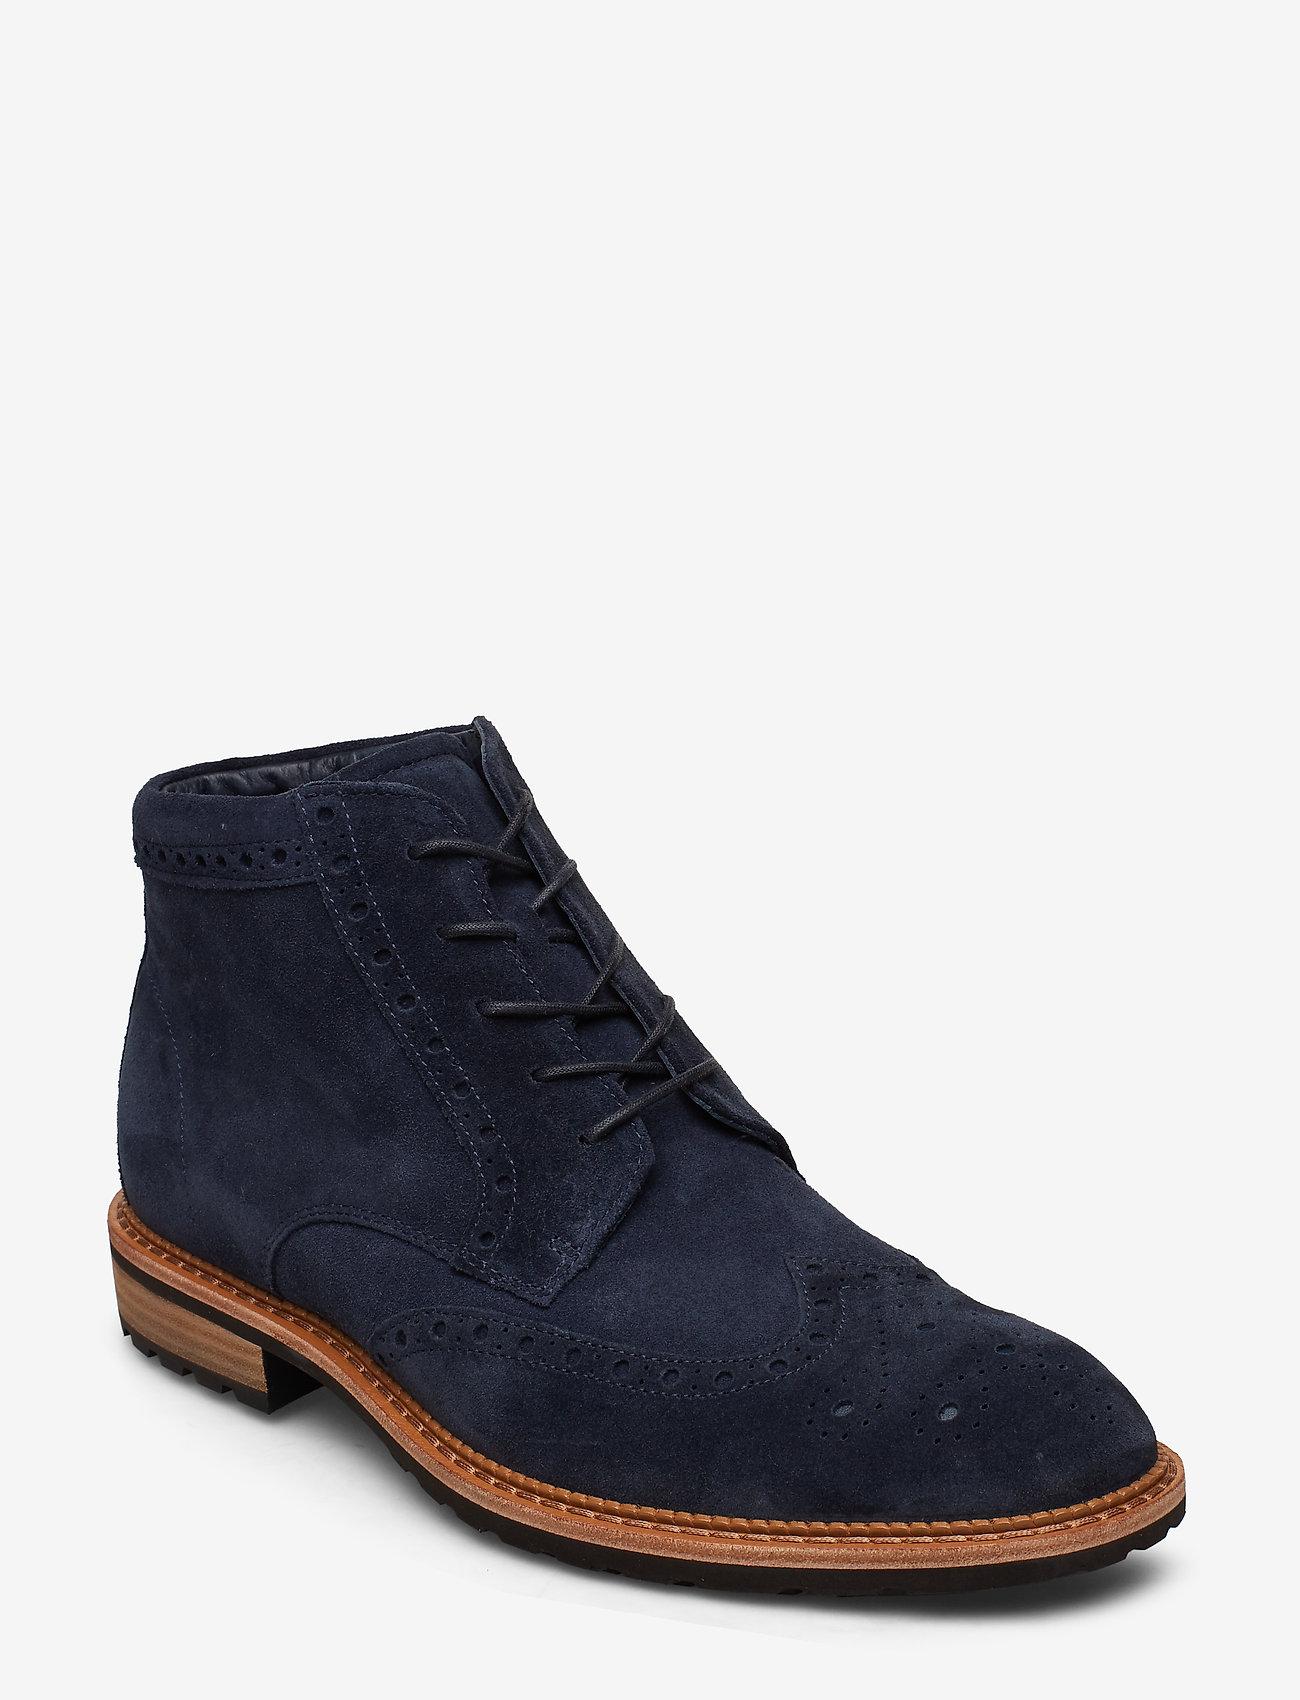 ECCO - VITRUS I - laced boots - navy - 0